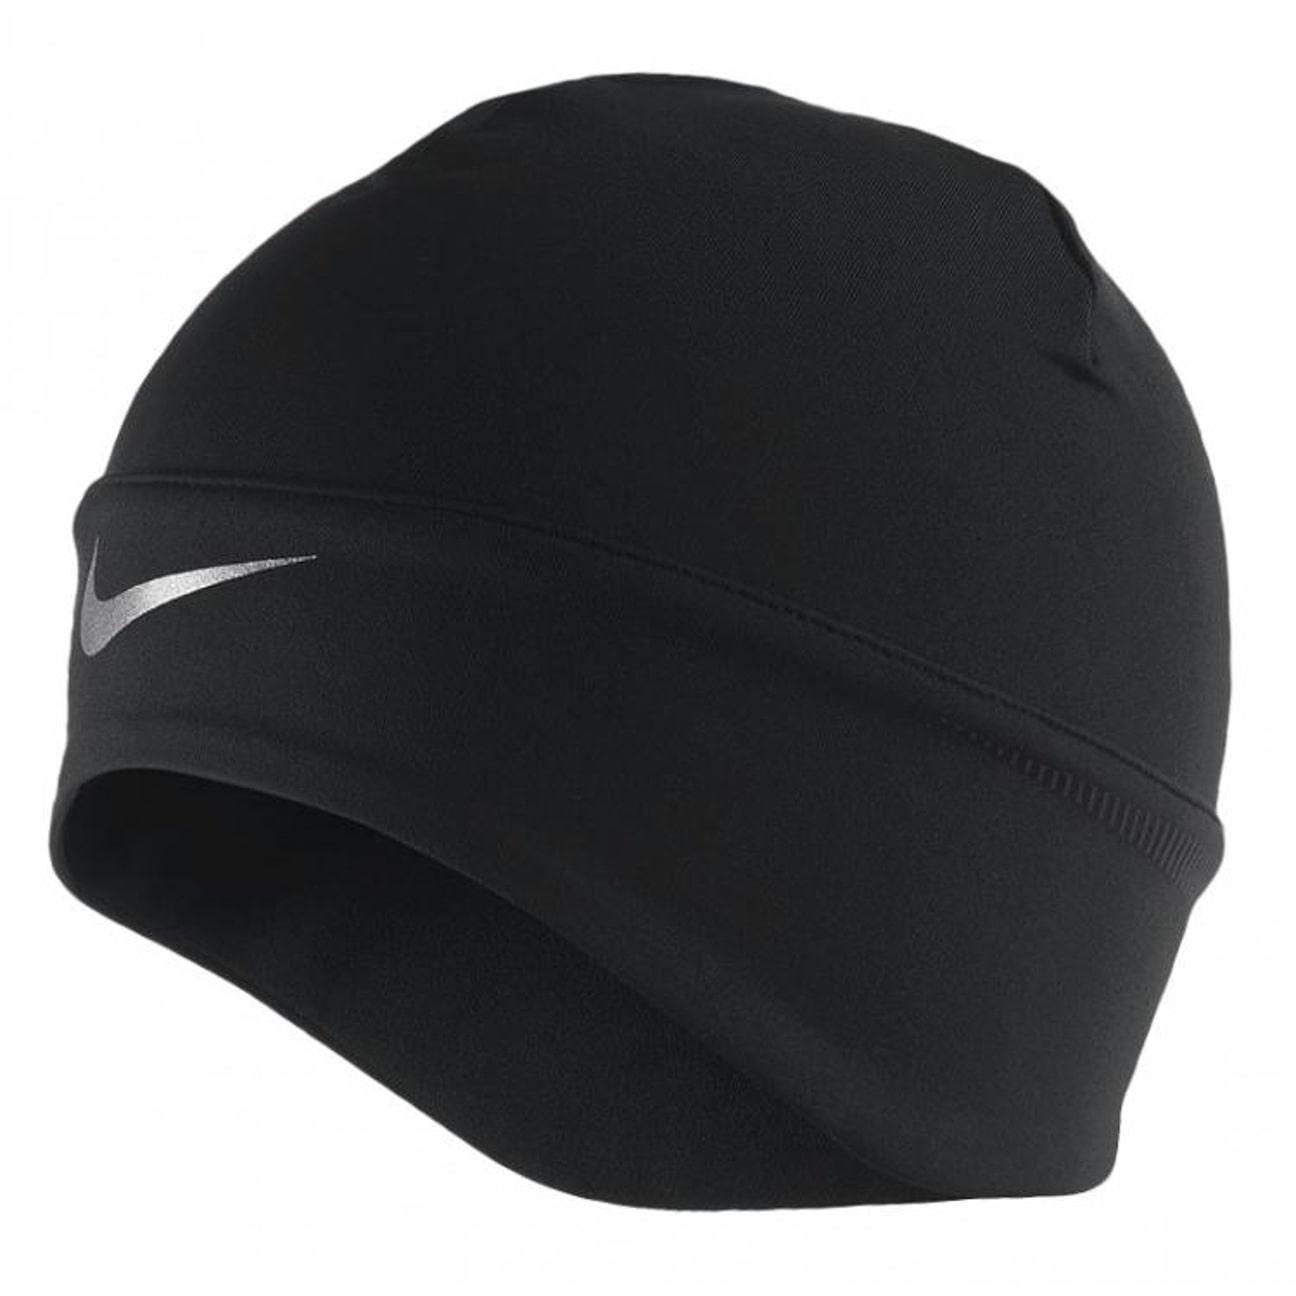 81254890dfbf8 ... where to buy running skull cap by nike black 1 c4e09 e9bc4